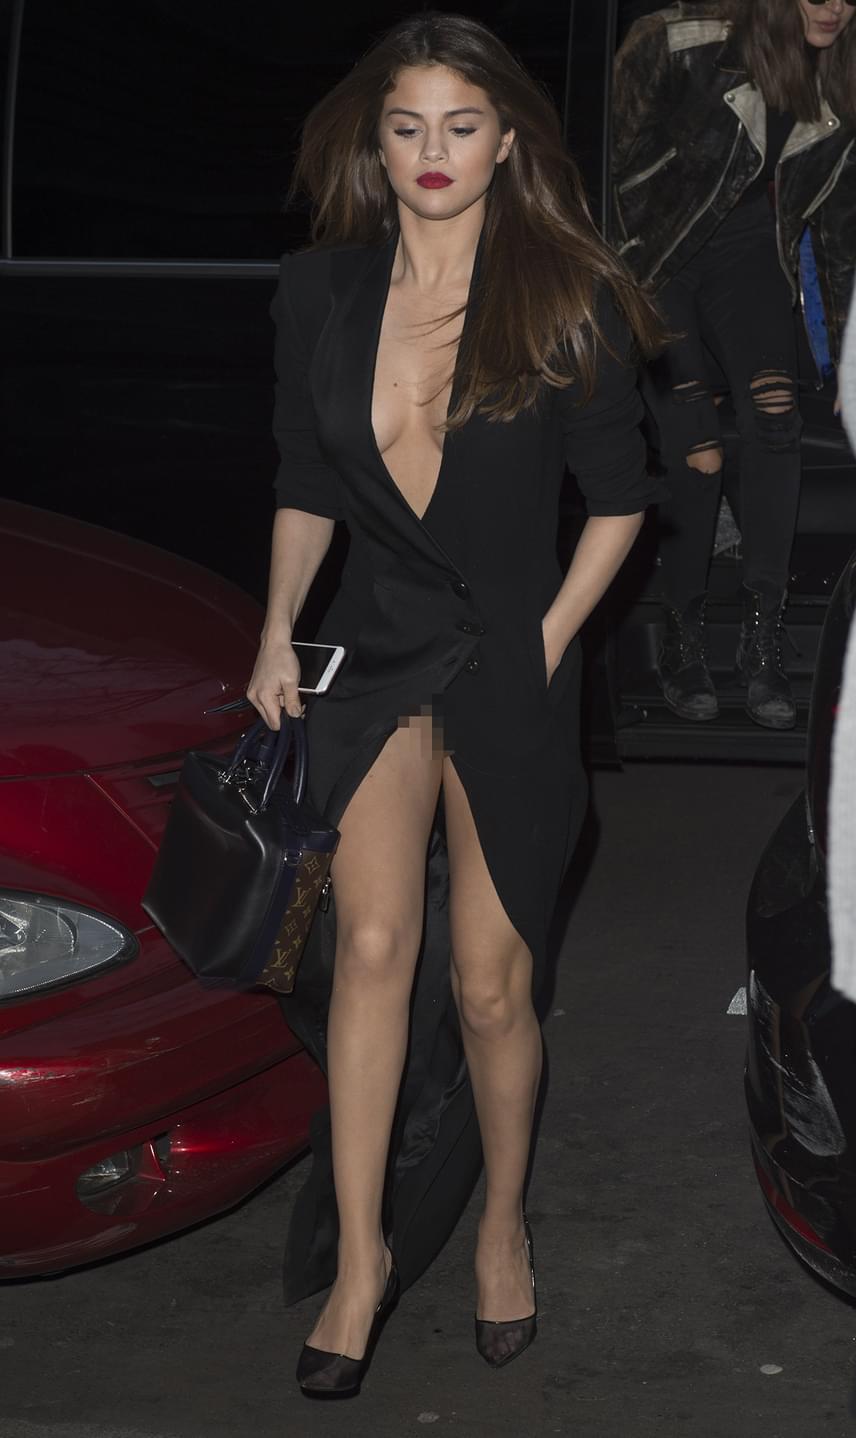 Selena Gomez többet mutatott magából a párizsi divathéten, mint szeretett volna. Az egykori Disney-sztár egy mélyen kivágott, magasan felsliccelt ruhában érkezett az eseményre, azonban egy rossz lépés elég volt ahhoz, hogy intim részeit is megvillantsa a fotósoknak.